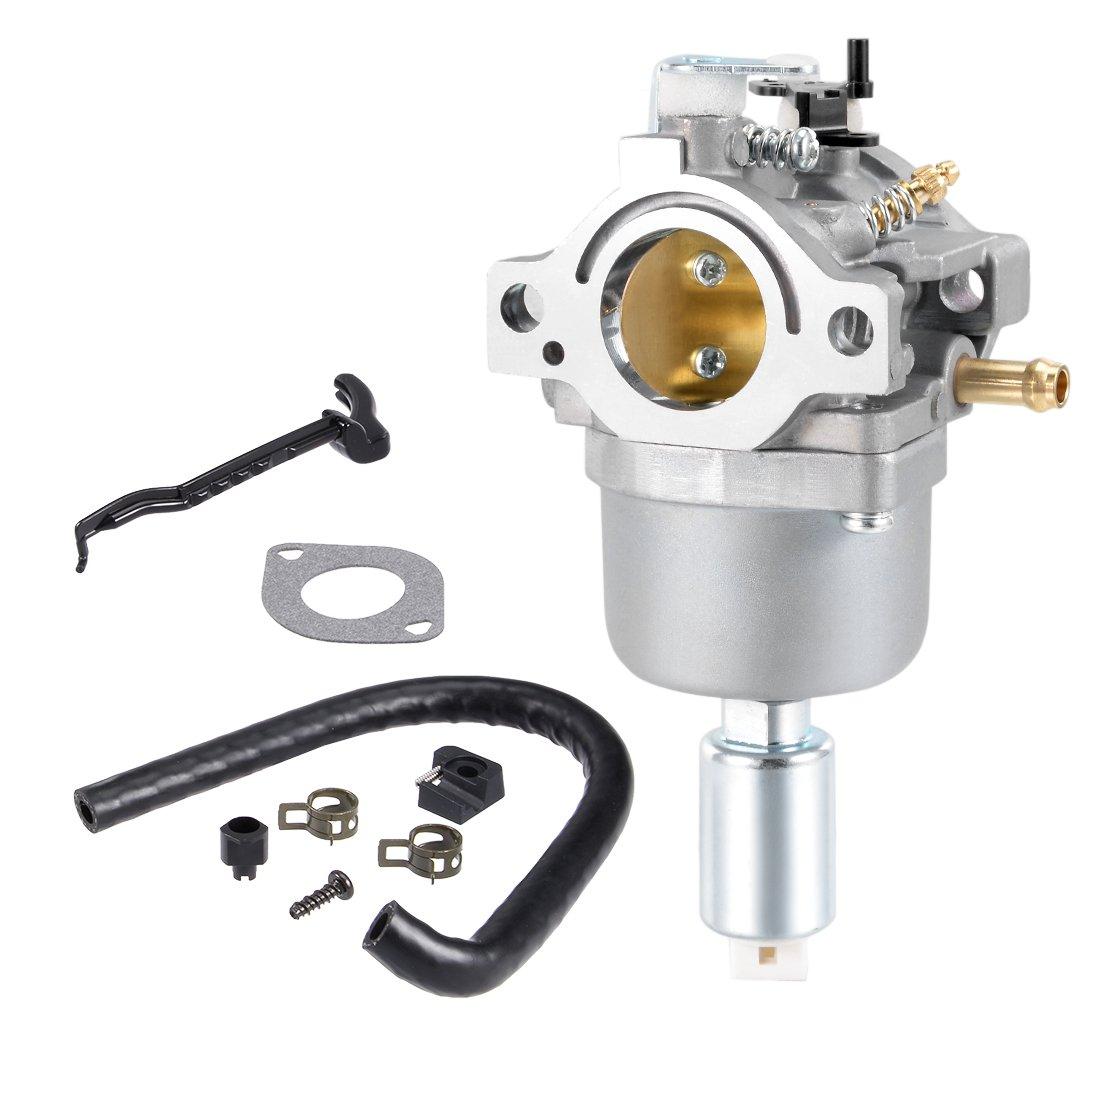 sourcingmap Scheda del carburatore w filtro aria Kit per messa a punto per i Motore Briggs & Stratton 792768 794572